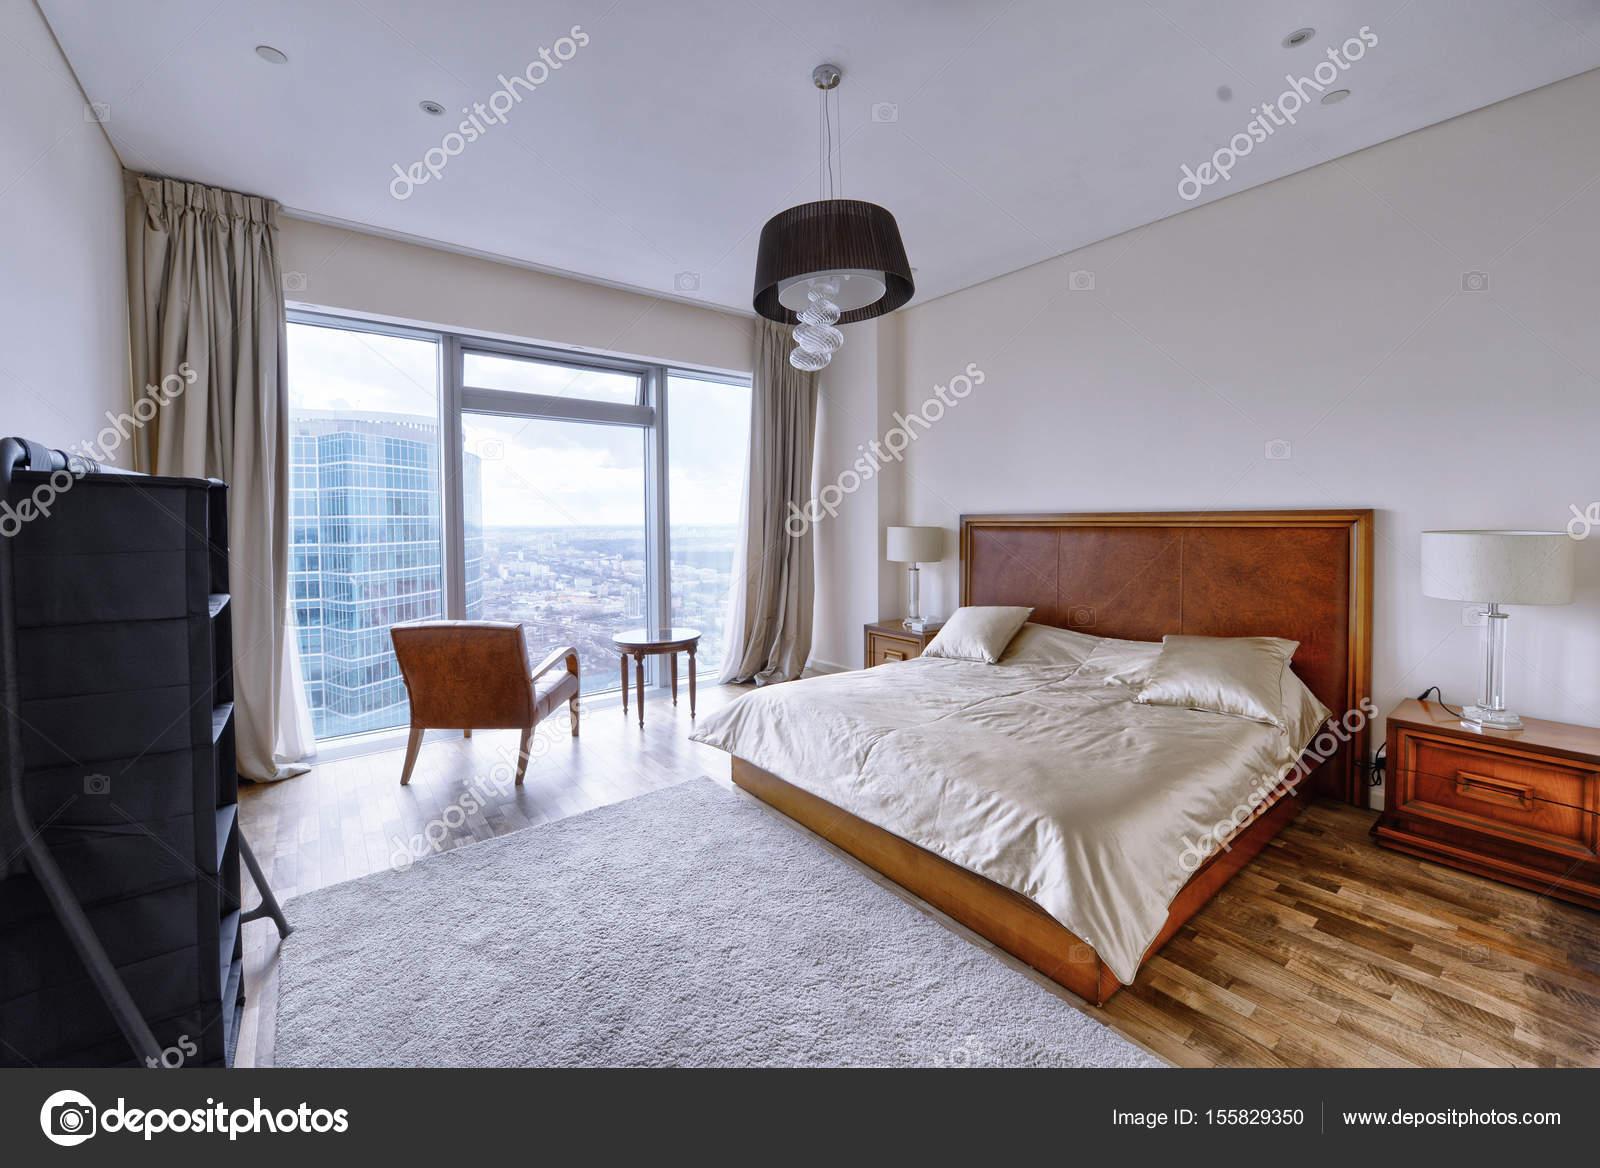 Raumgestaltung Schlafzimmer — Stockfoto © ovchinnikovfoto #155829350